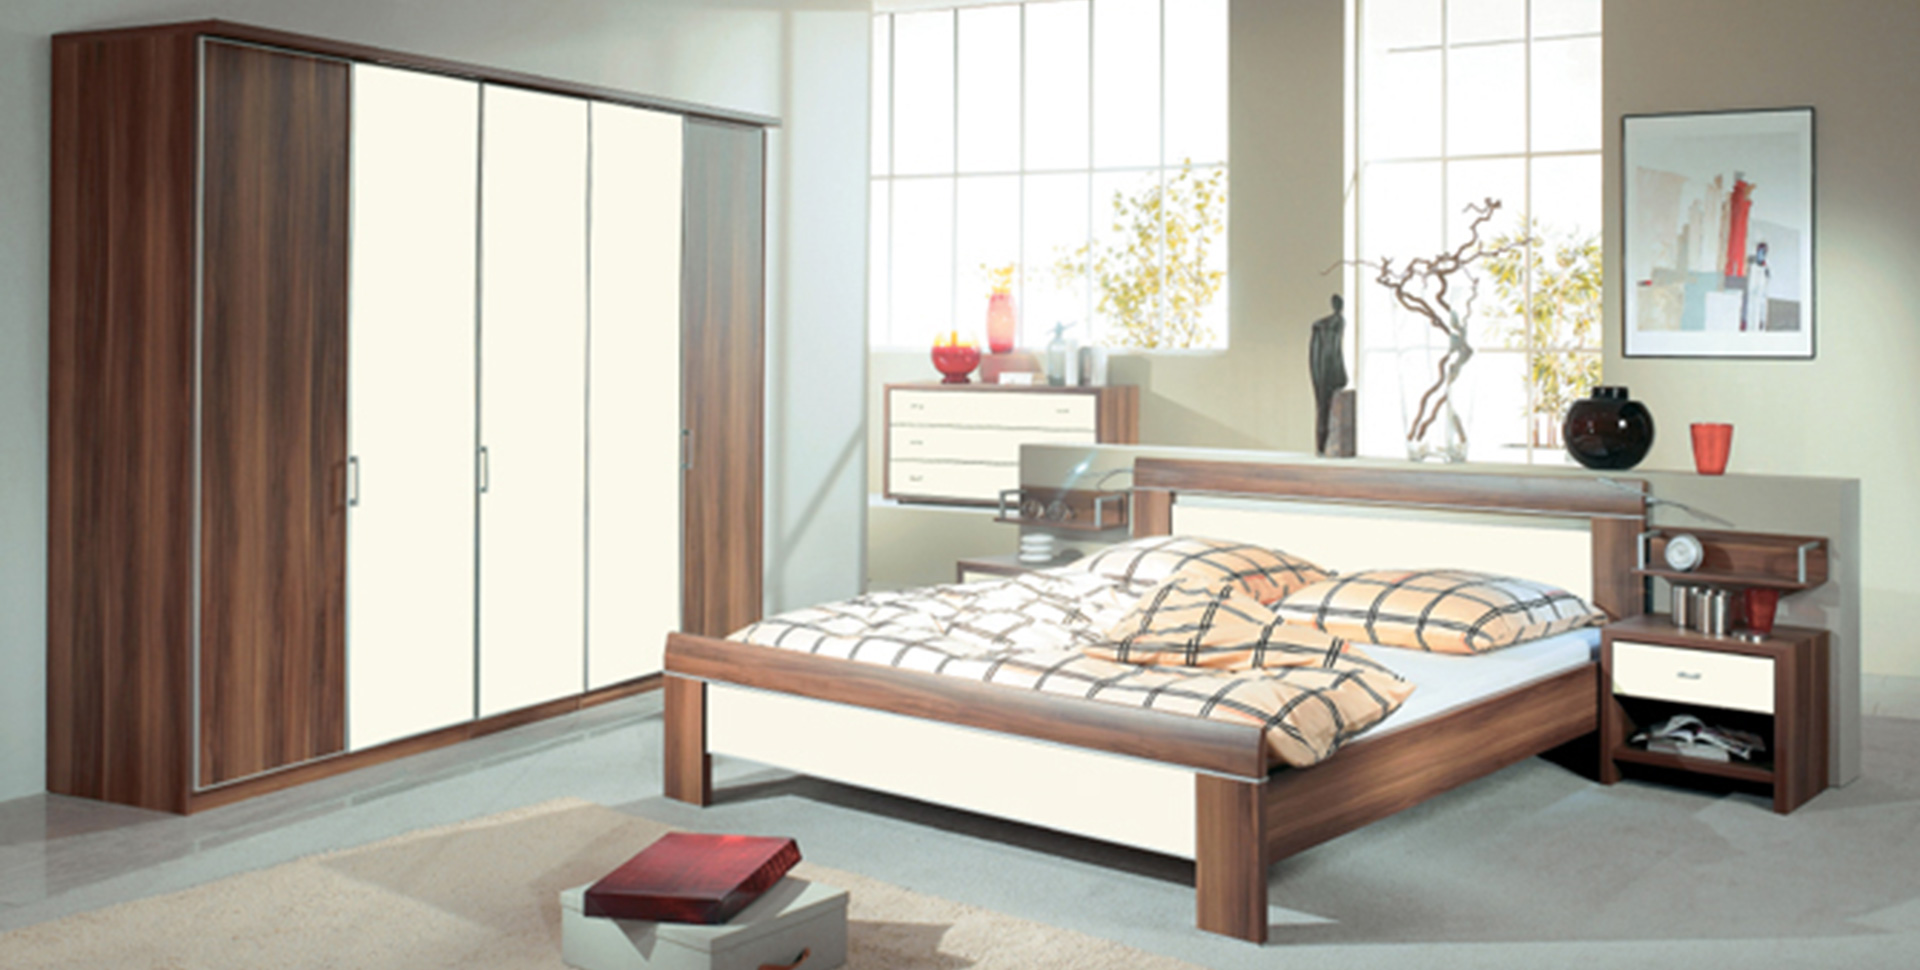 schlafzimmer07